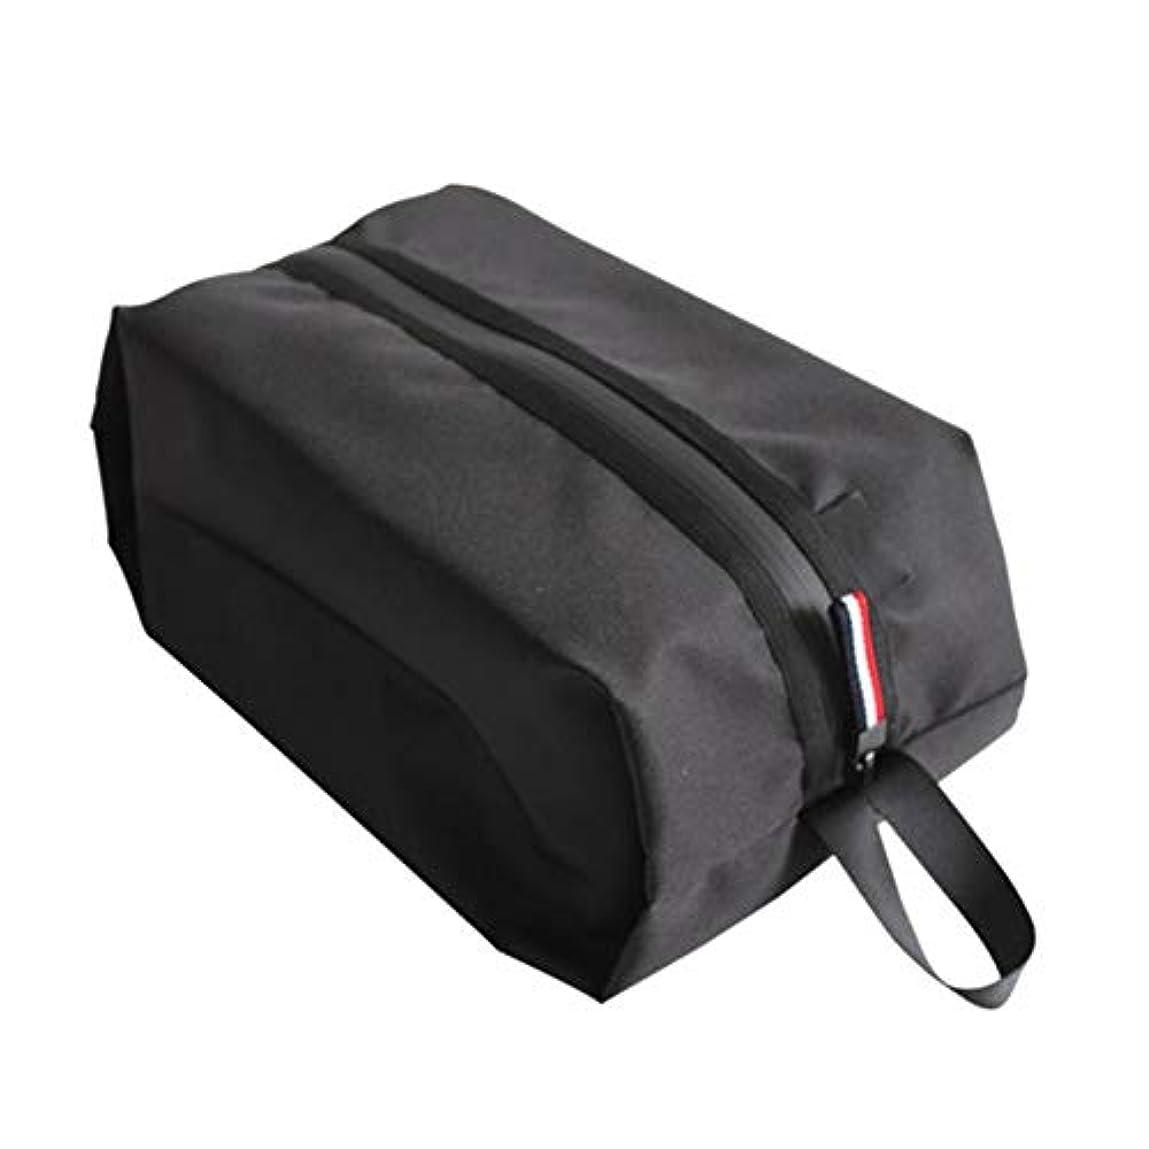 光最初熟した防水靴サッカーブートバッグ/ケース、靴バッグホームジッパーポーチ防水ストレージポータブル旅行オーガナイザー